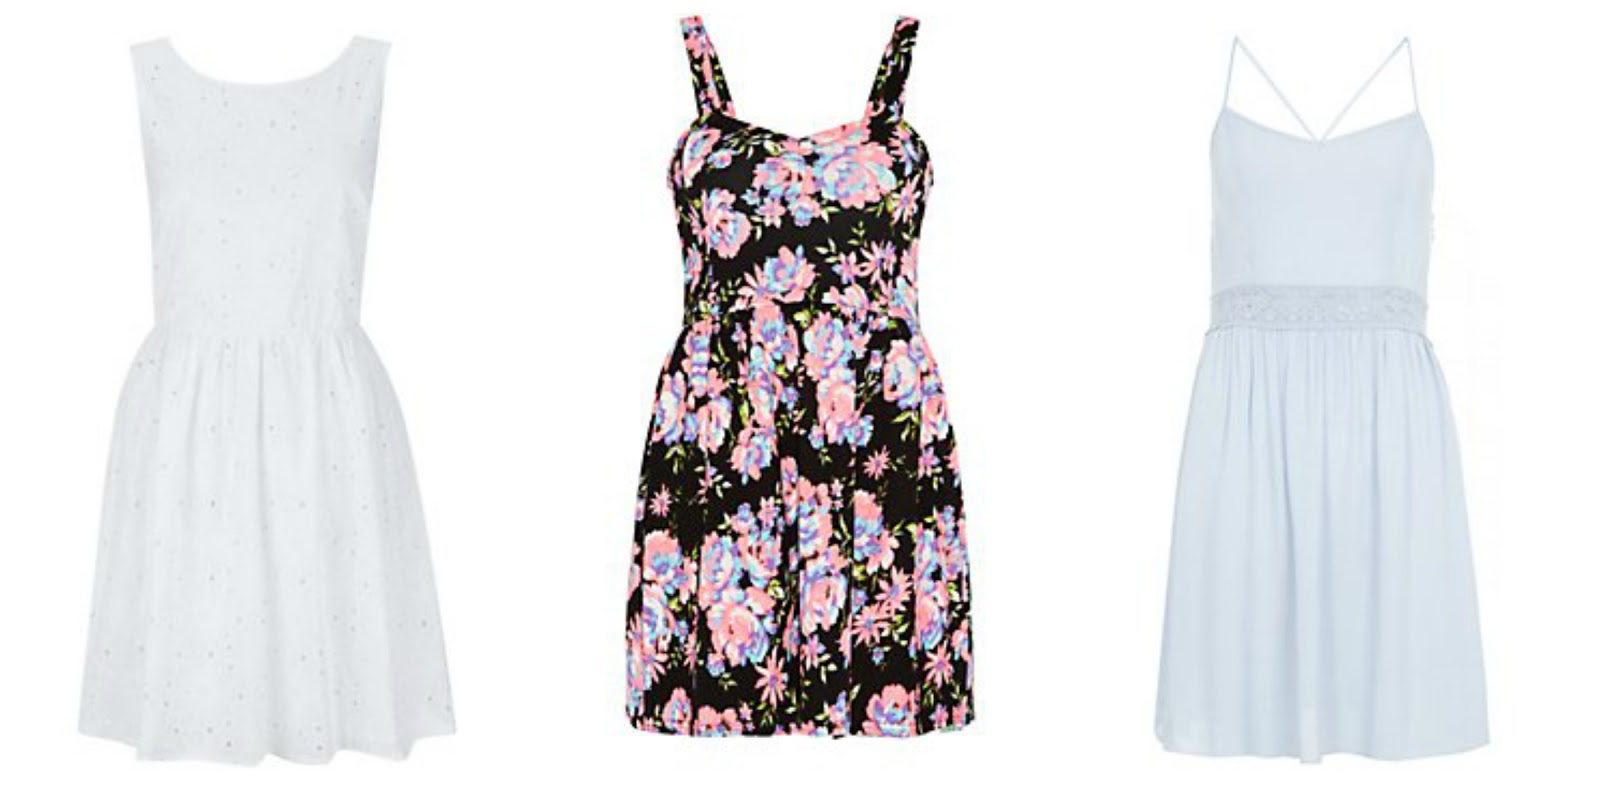 7c55f367200 SUMMER DRESS WISHLIST  NEW LOOK -